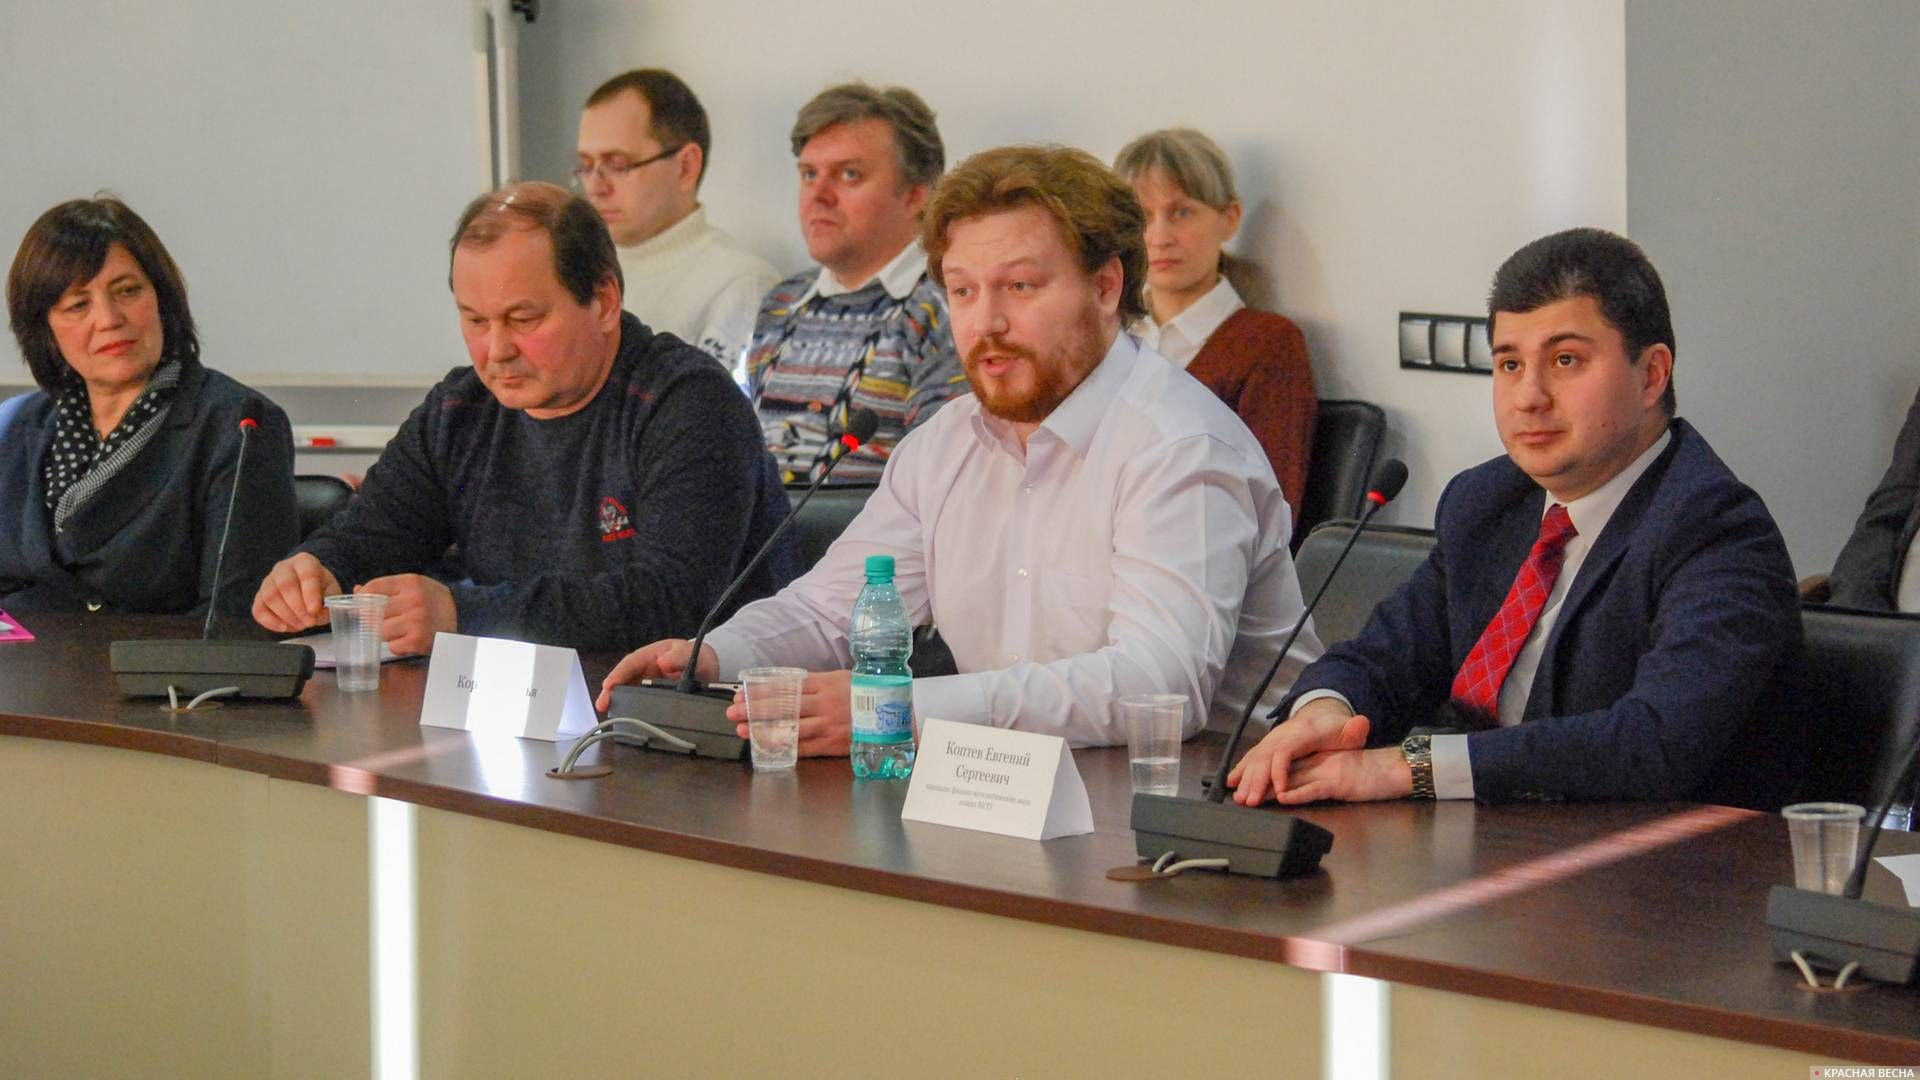 Врач-невролог из Кемерово на дискуссионном круглом столе в Новосибирске